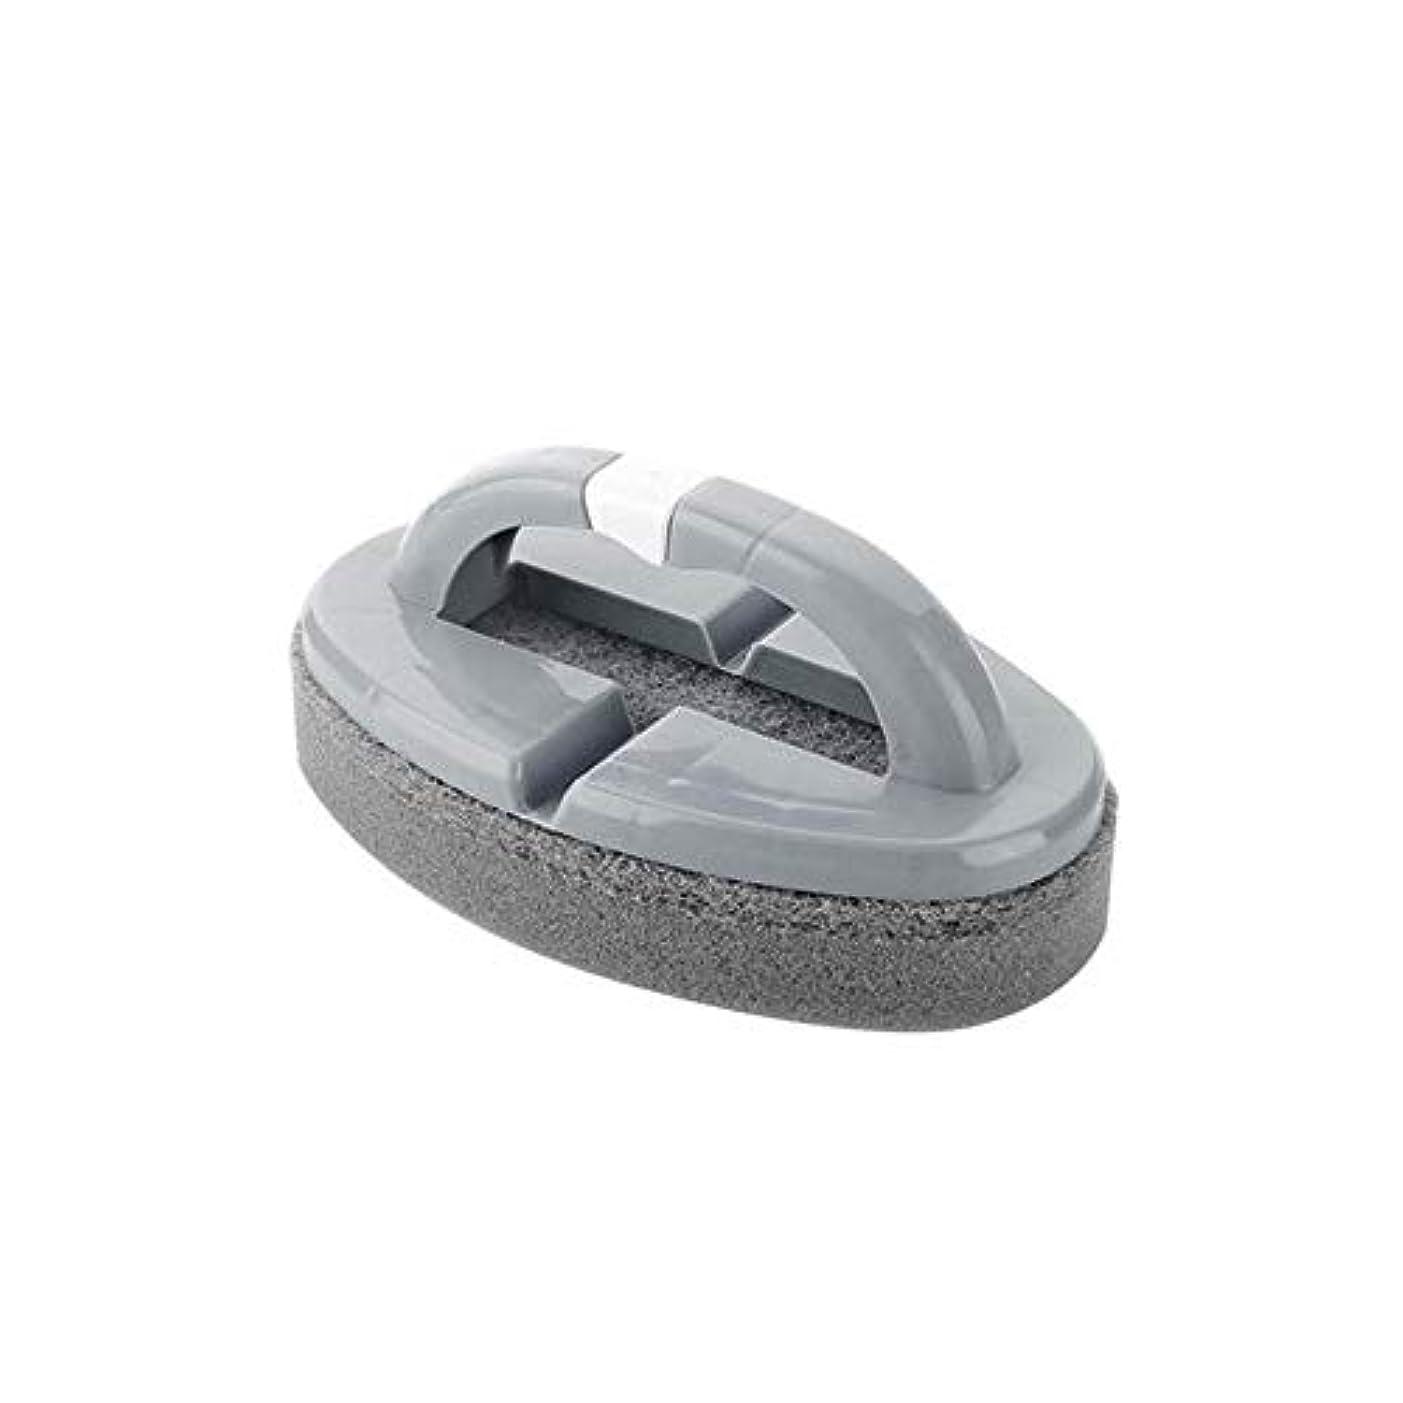 毎週パキスタンスタンドポアクリーニング 折りたたみスポンジハンドル付きハンドルバスルームタイルクリーニングブラシ2 PCS マッサージブラシ (色 : C)